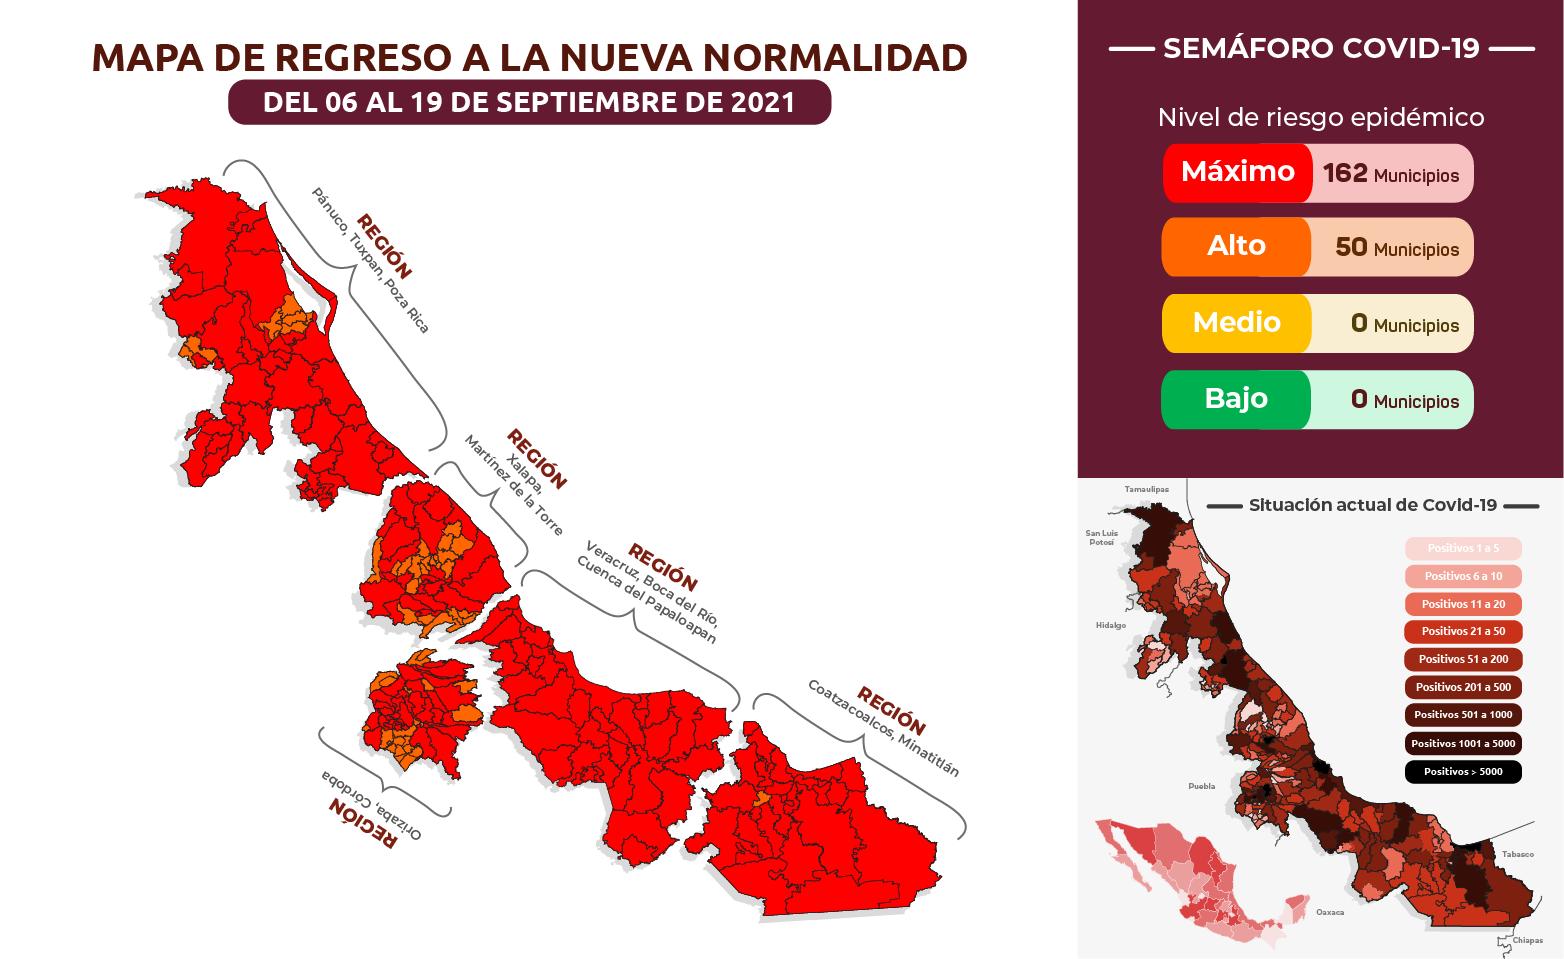 Nueva normalidad por municipio